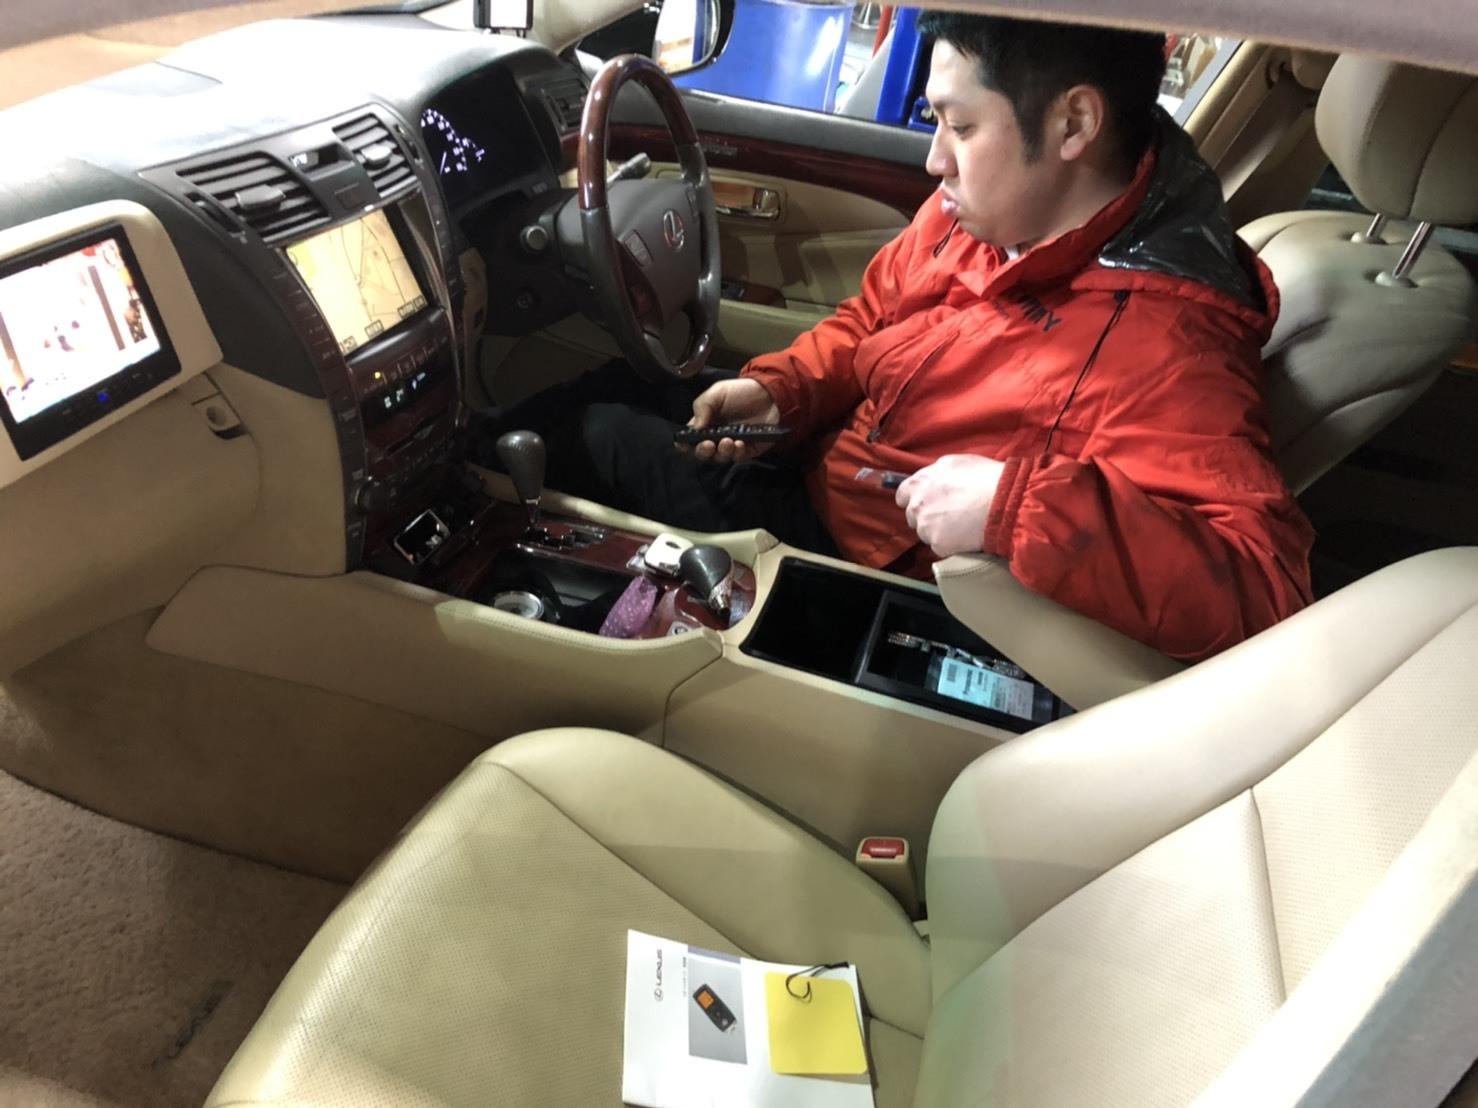 12月21日(土)トミーベースブログ☆K様LS460納車✨✨カスタムカー専門♬レクサス🎶スバル🎶限定車☆希少車多数☆フーガ🎶クラウン🎶レ_b0127002_14211554.jpg